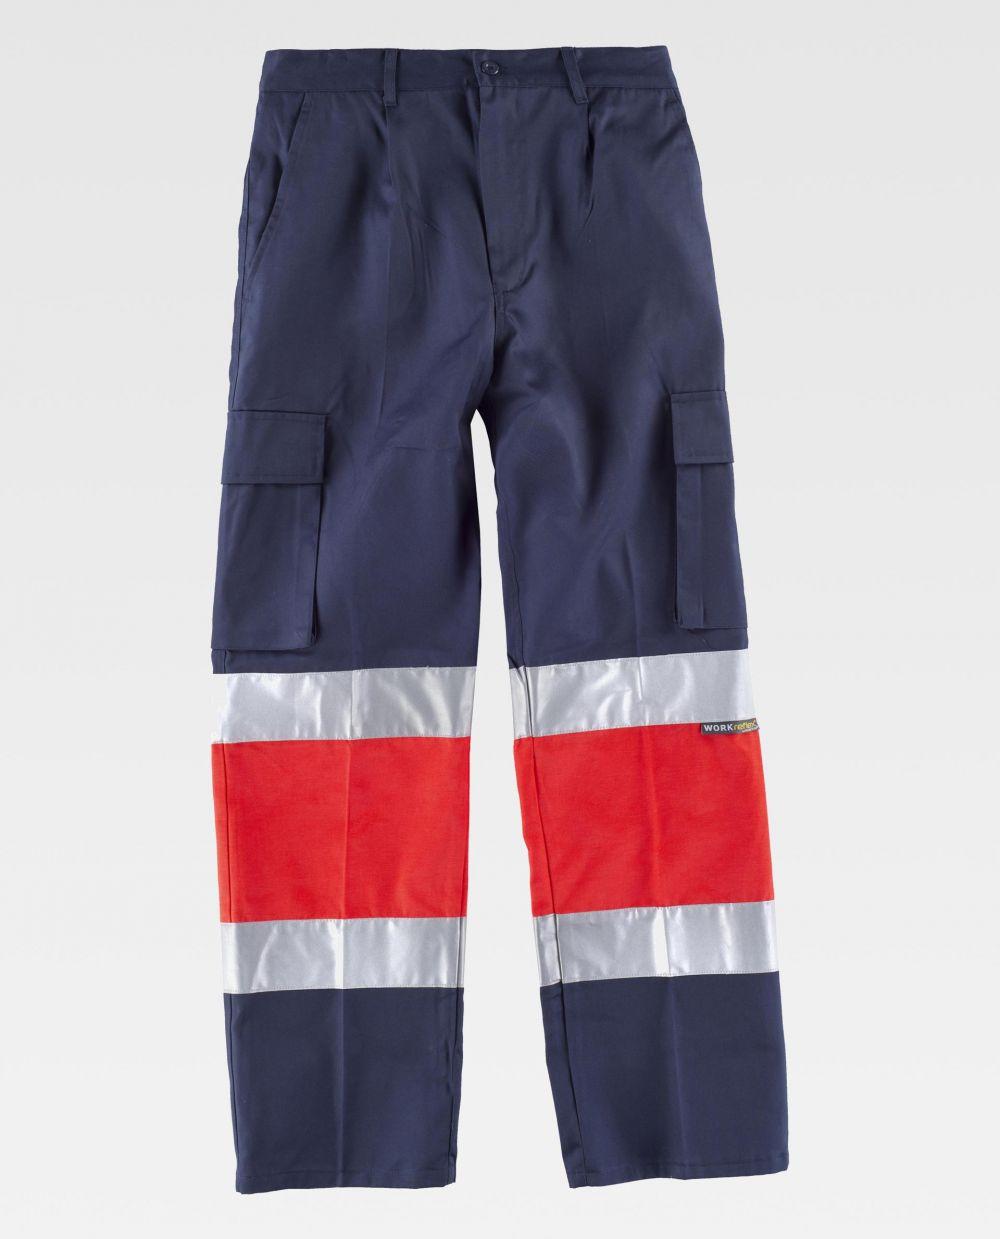 Pantalones reflectantes workteam c4057 de poliéster vista 2